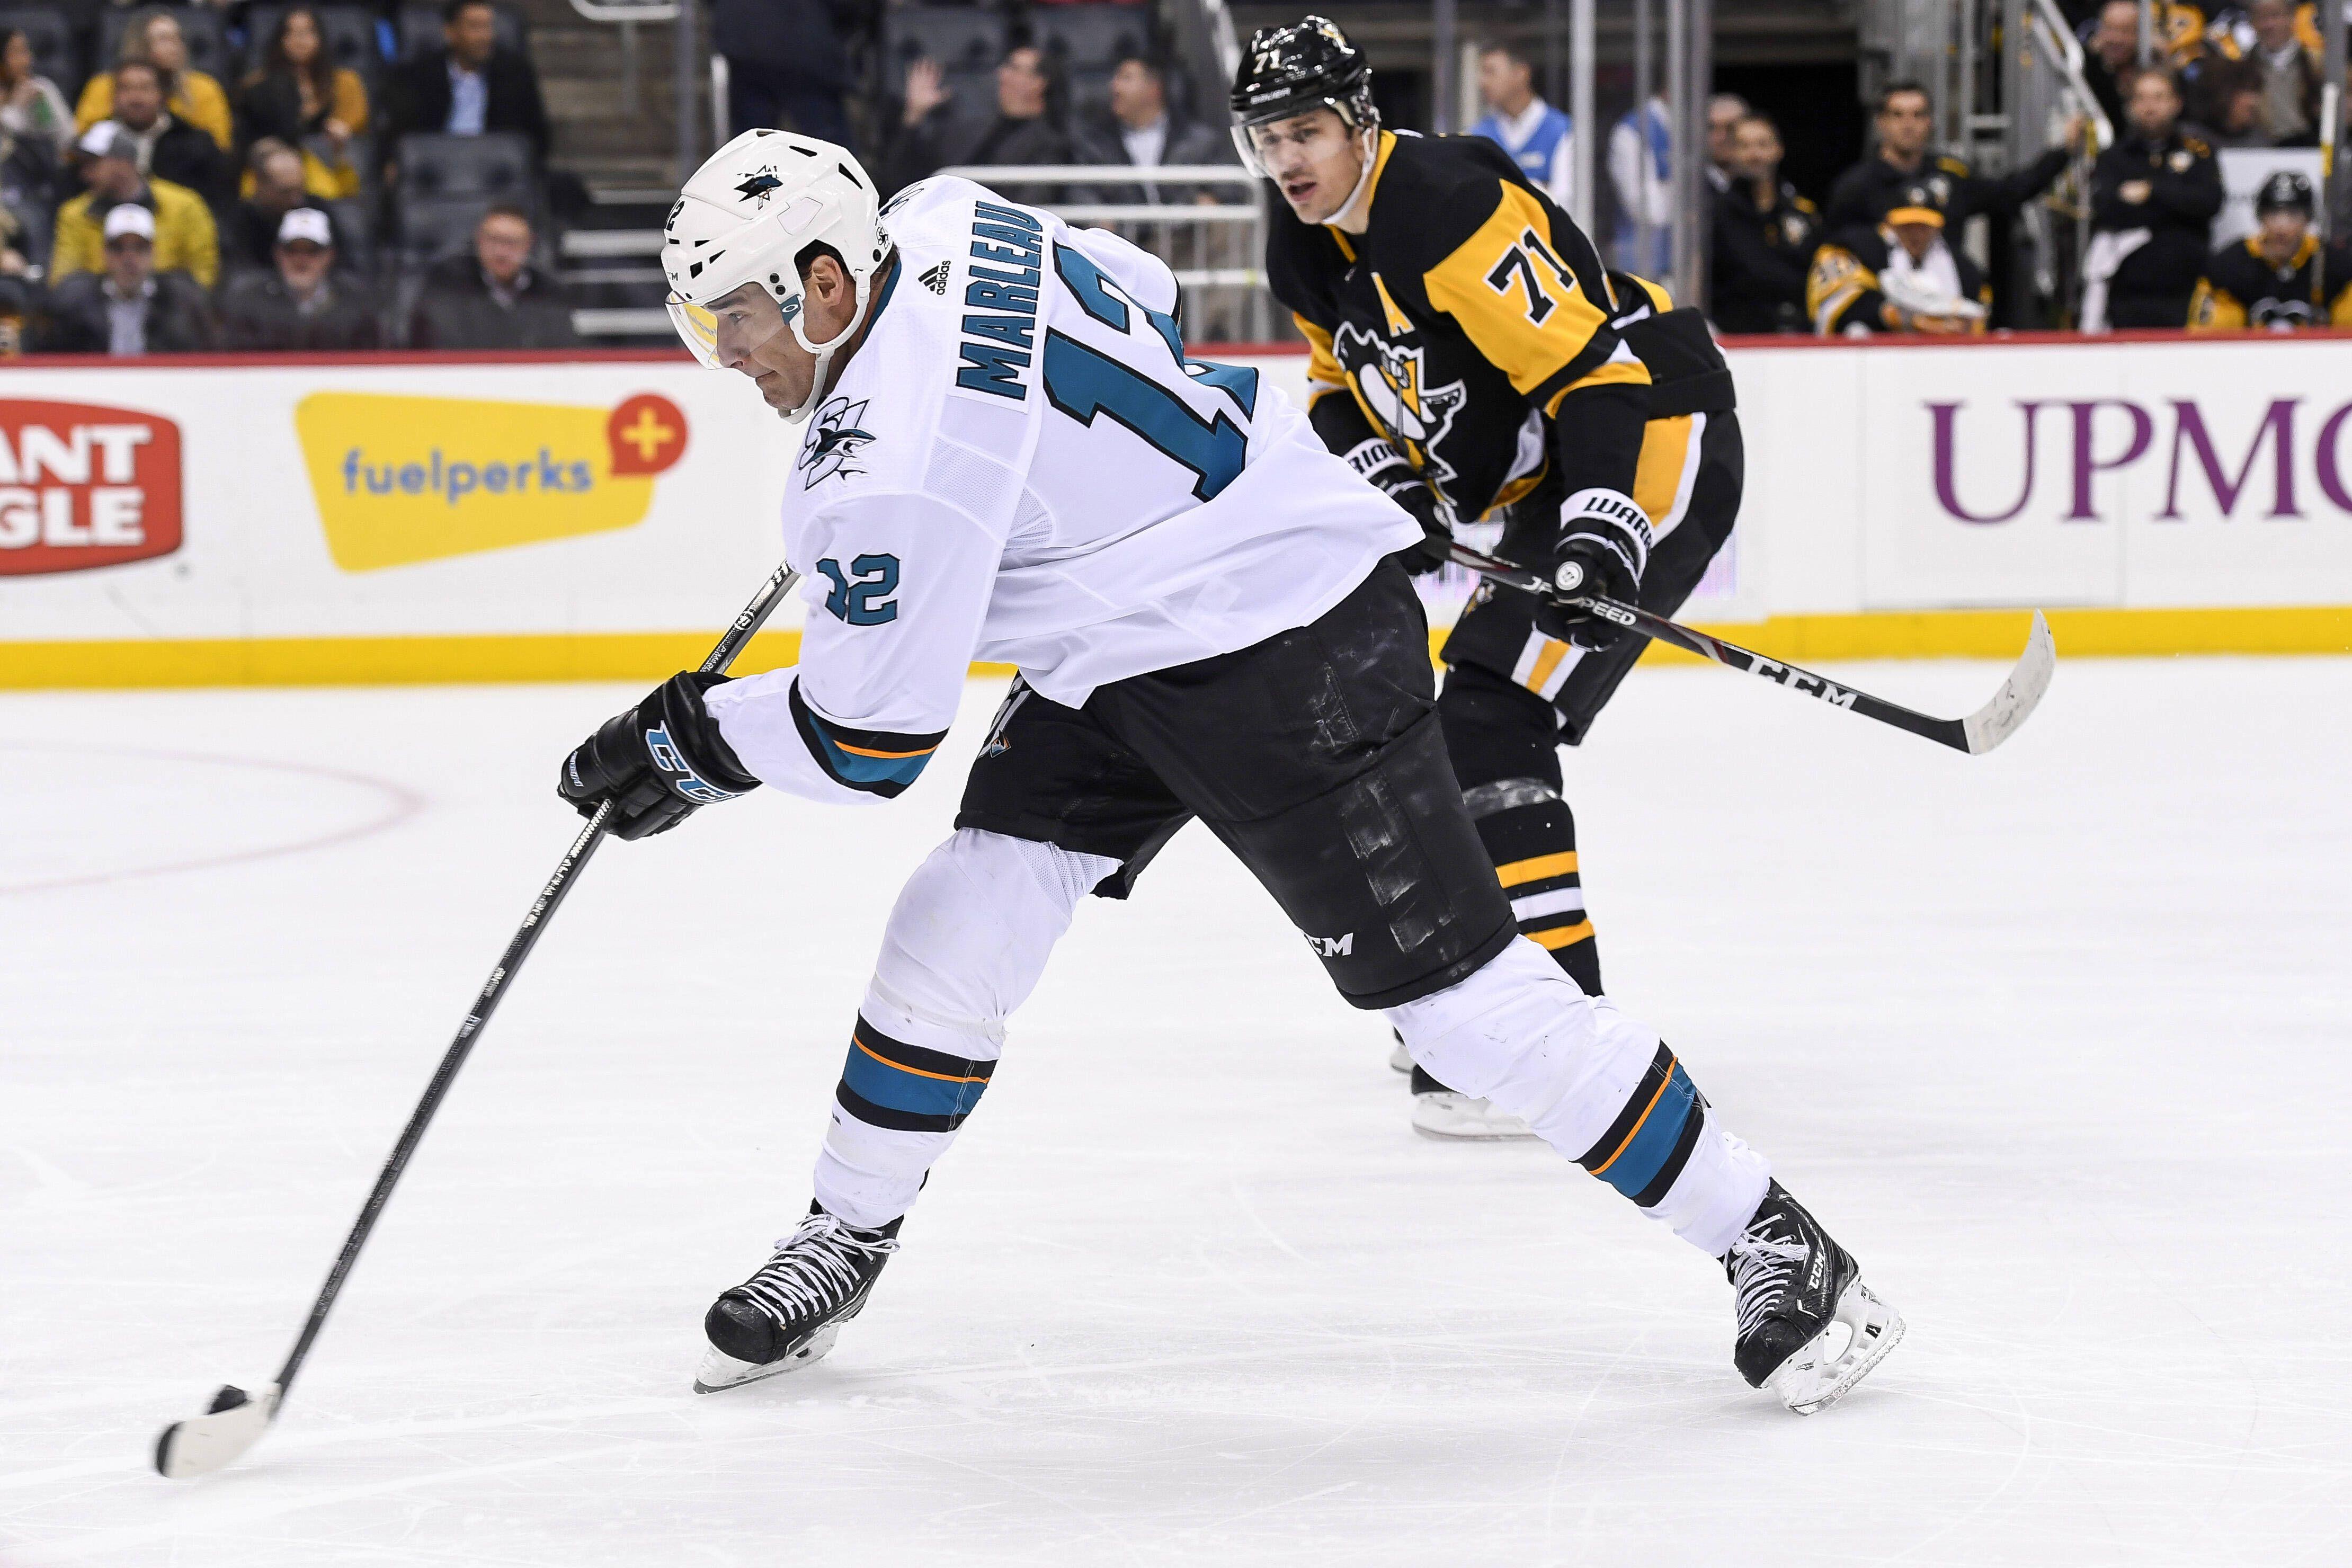 Россиянину Кныжову в дебютной драке в НХЛ разбили лицо (ВИДЕО)